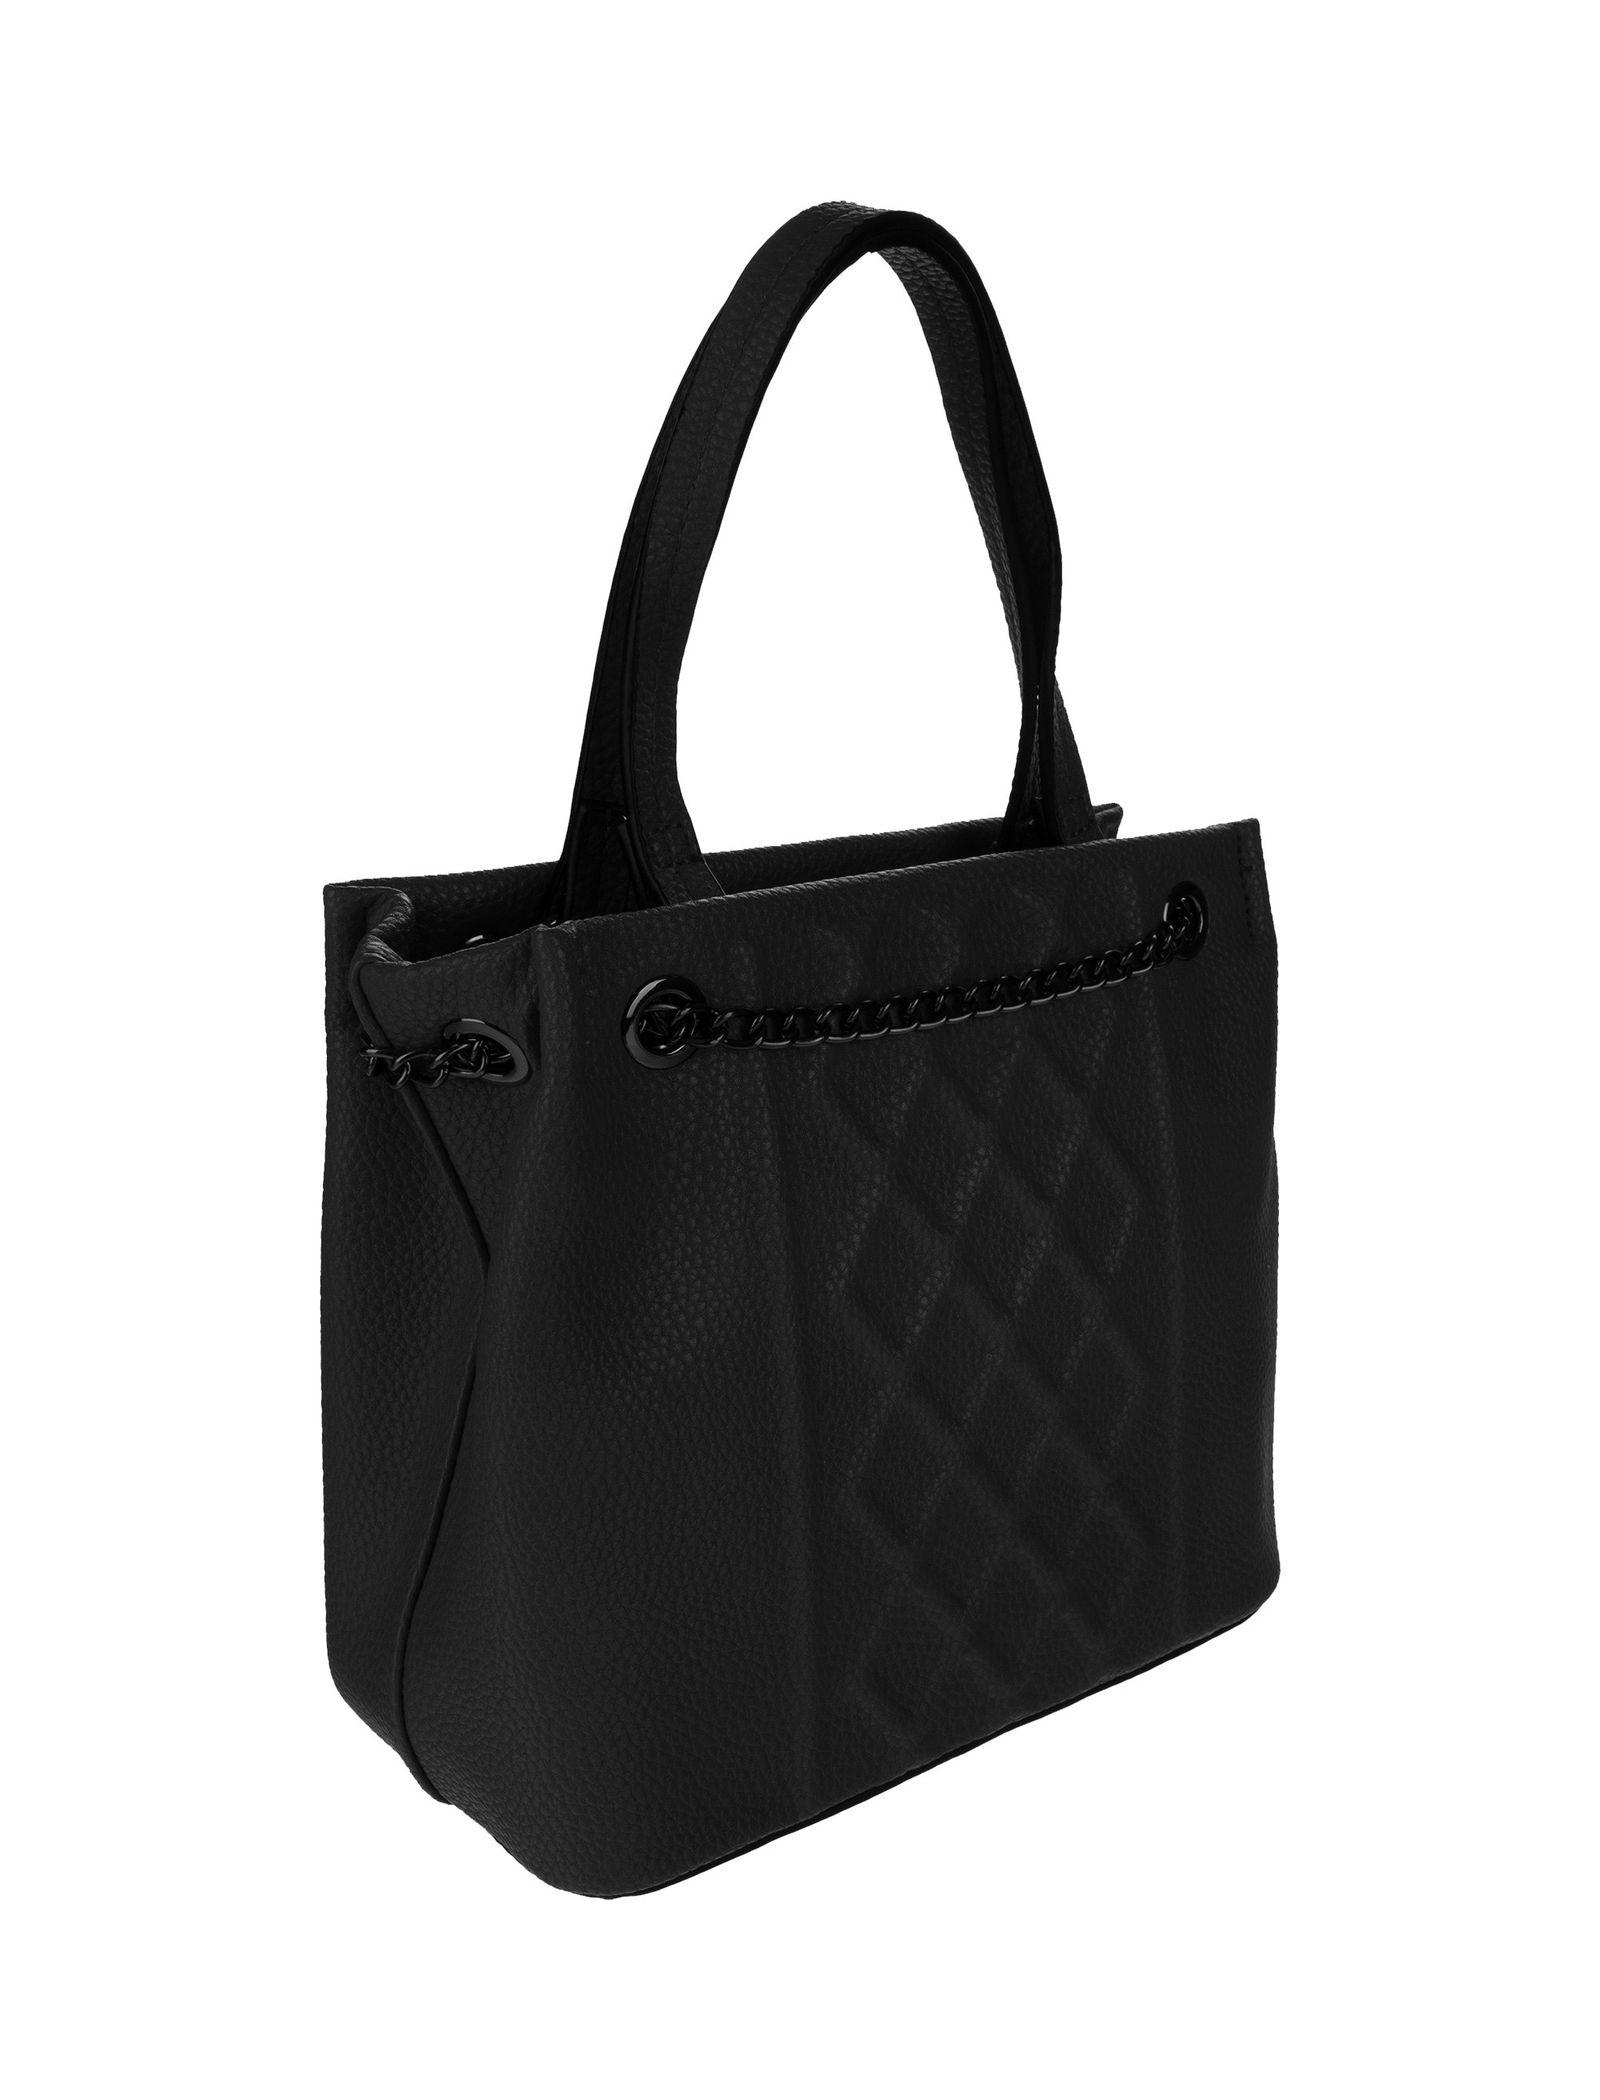 کیف دستی روزمره زنانه - جانی اند جانی تک سایز - مشکي - 5